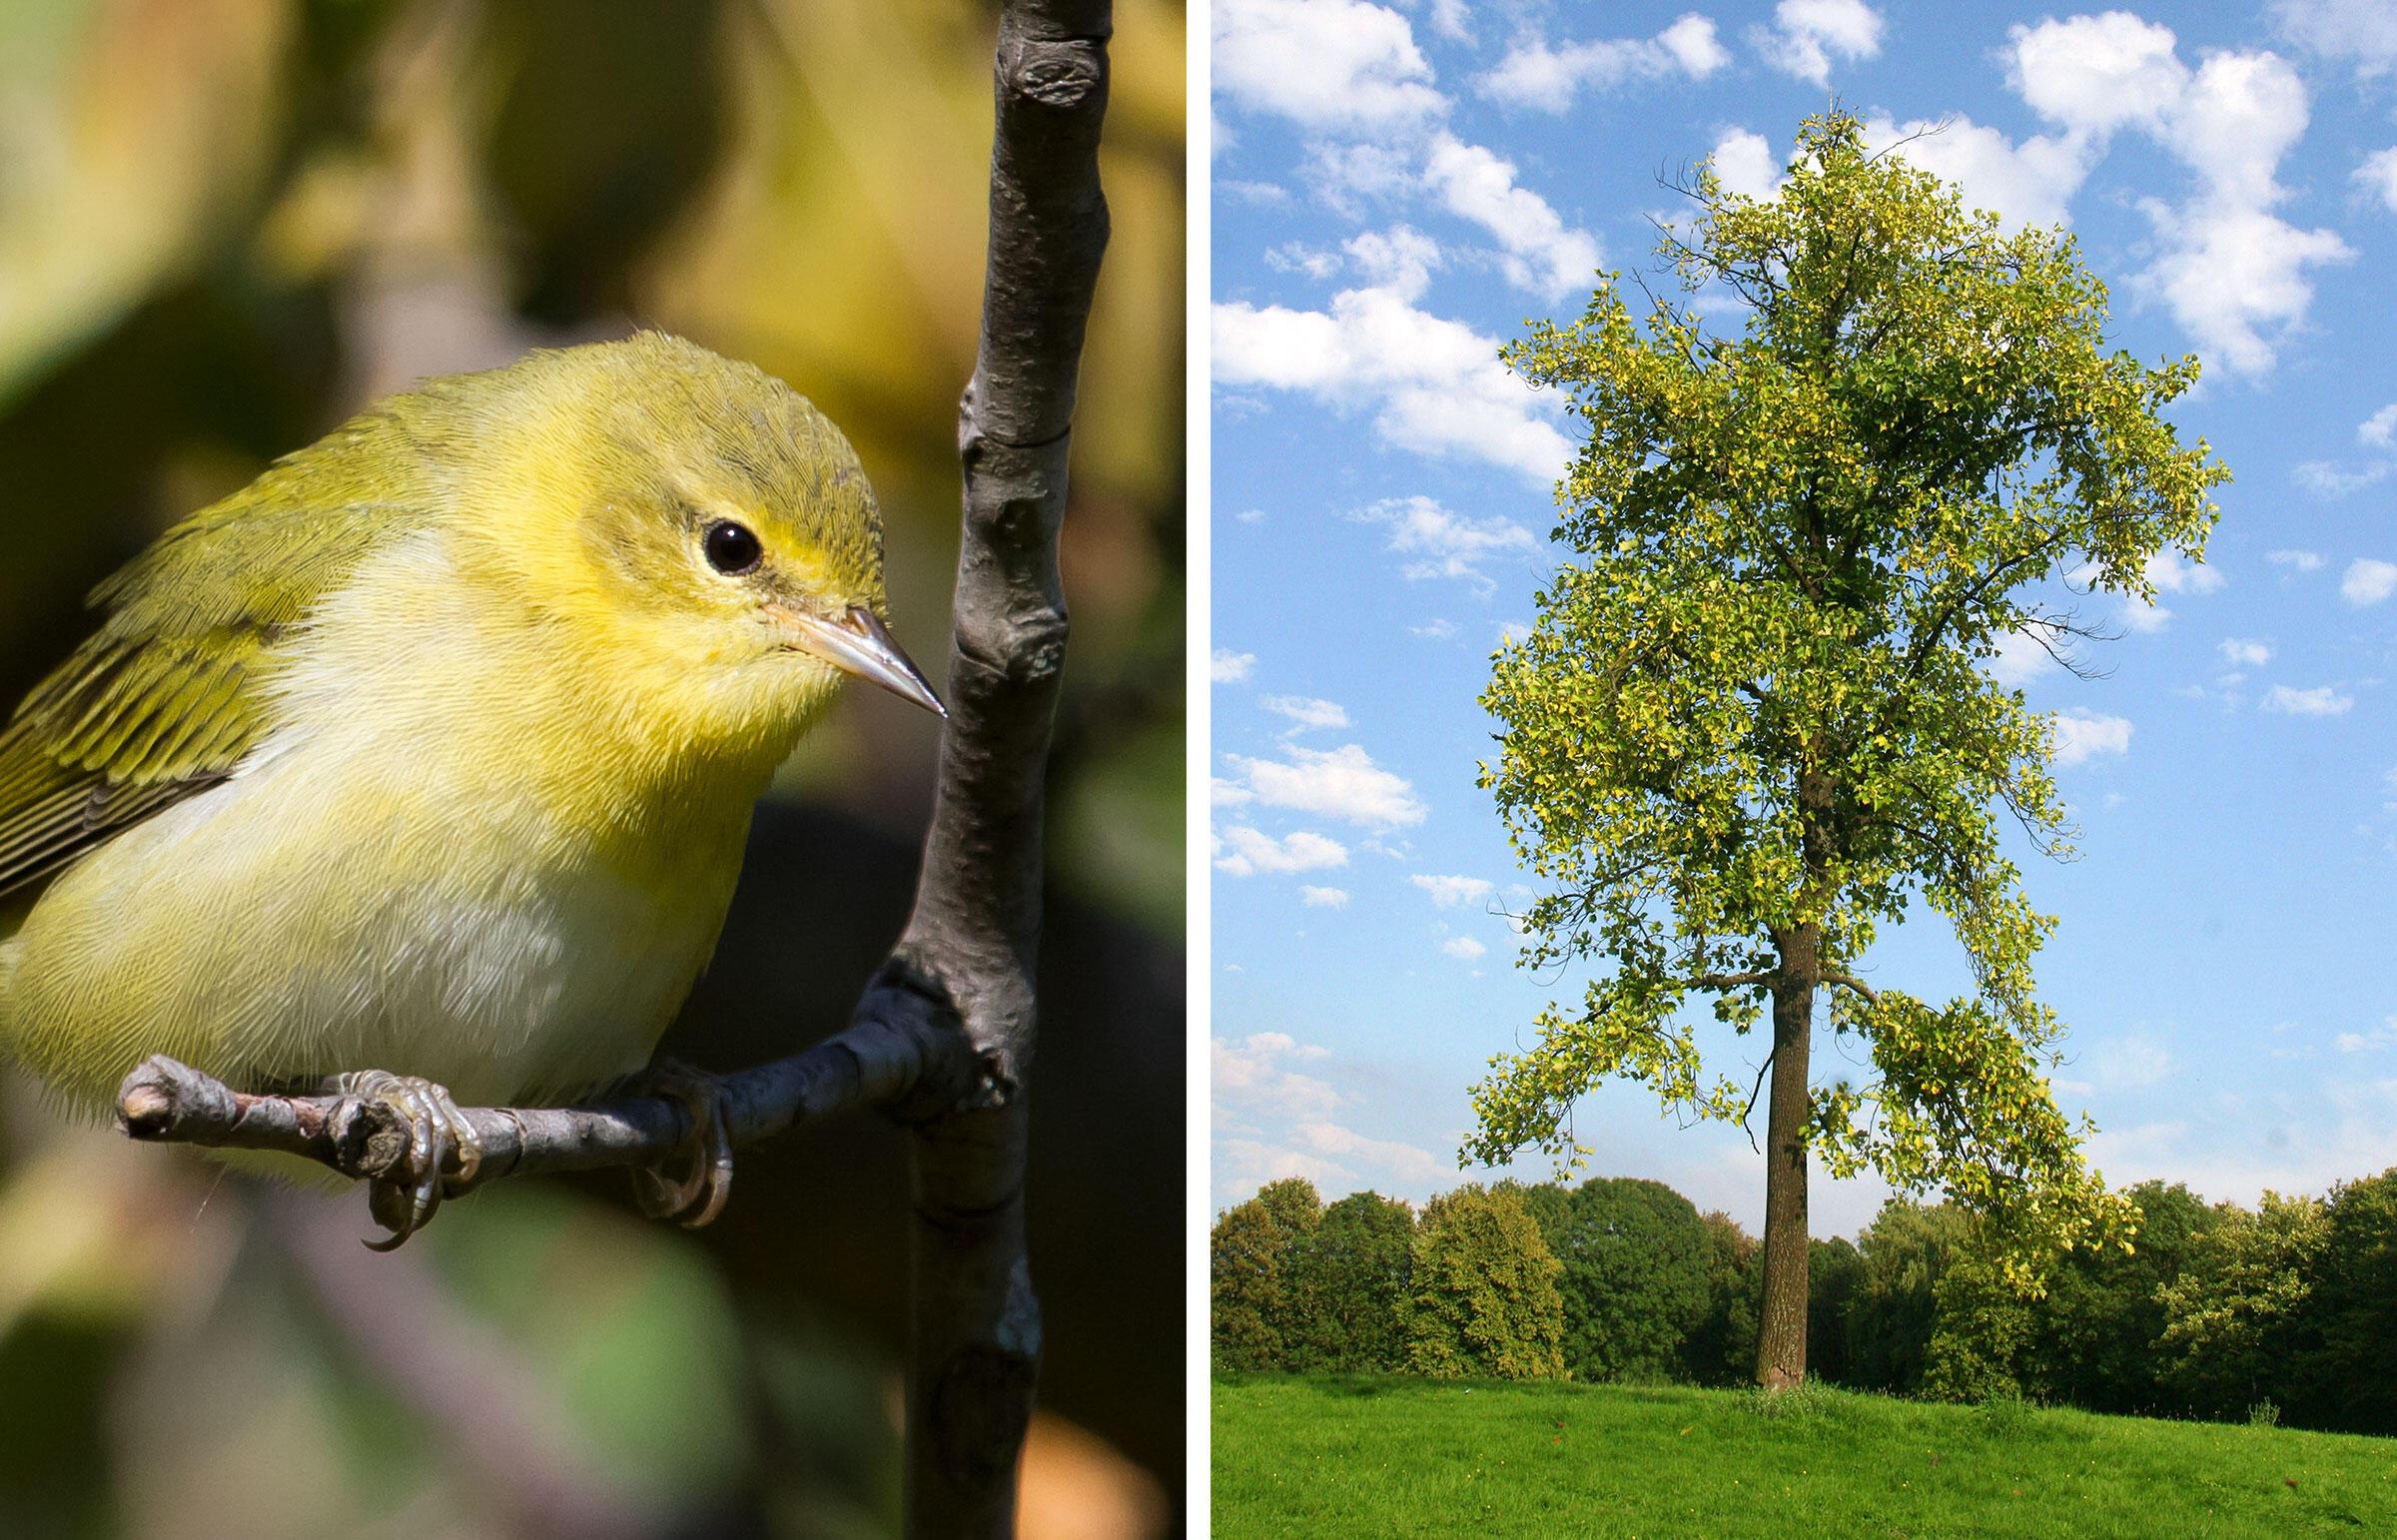 From left: Tennessee Warbler. Photo: Frode Jacobsen; Tulip tree. Photo: blickwinkel/Alamy